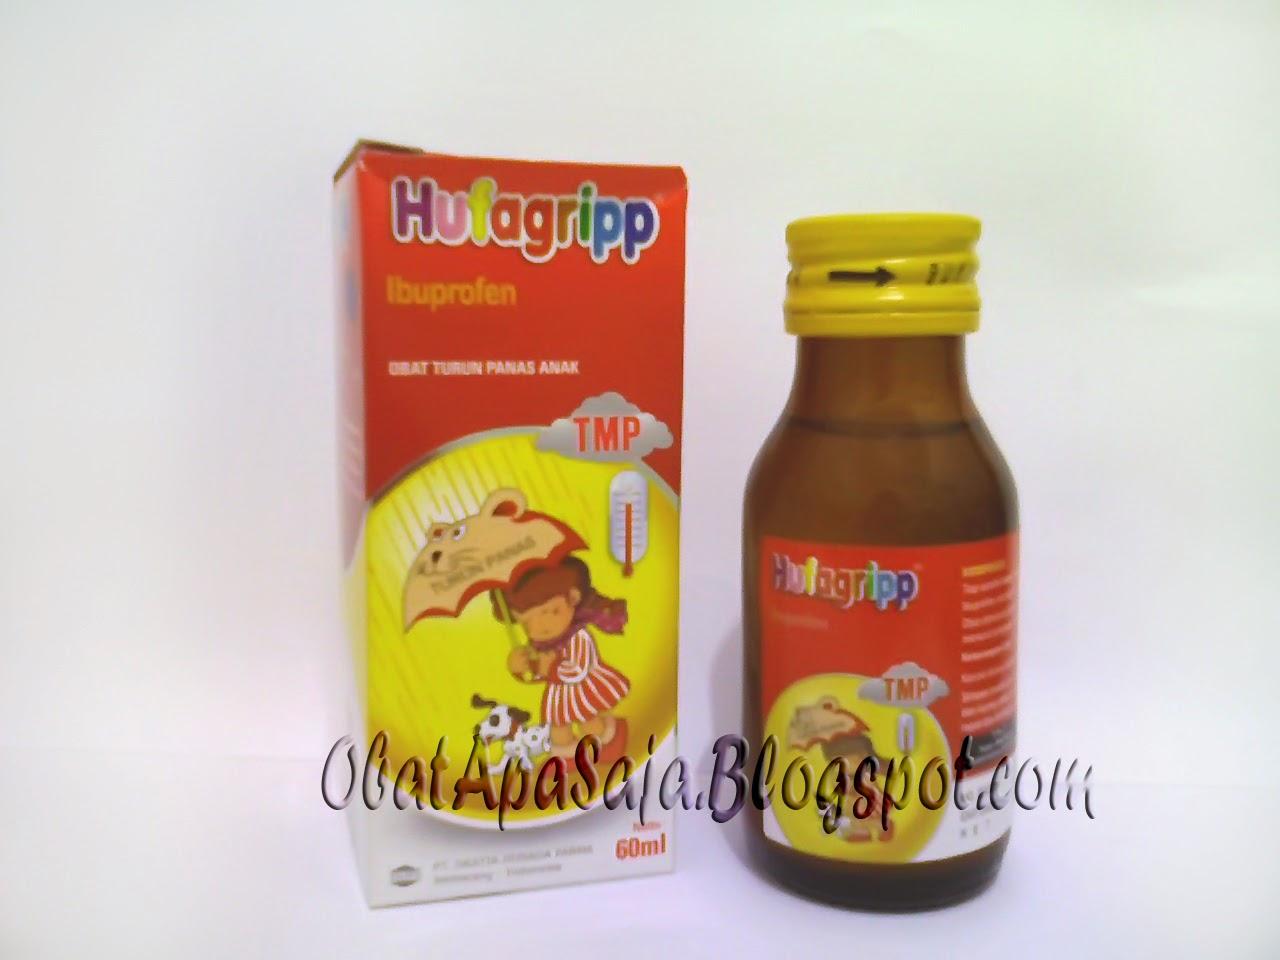 hufagripp tmp